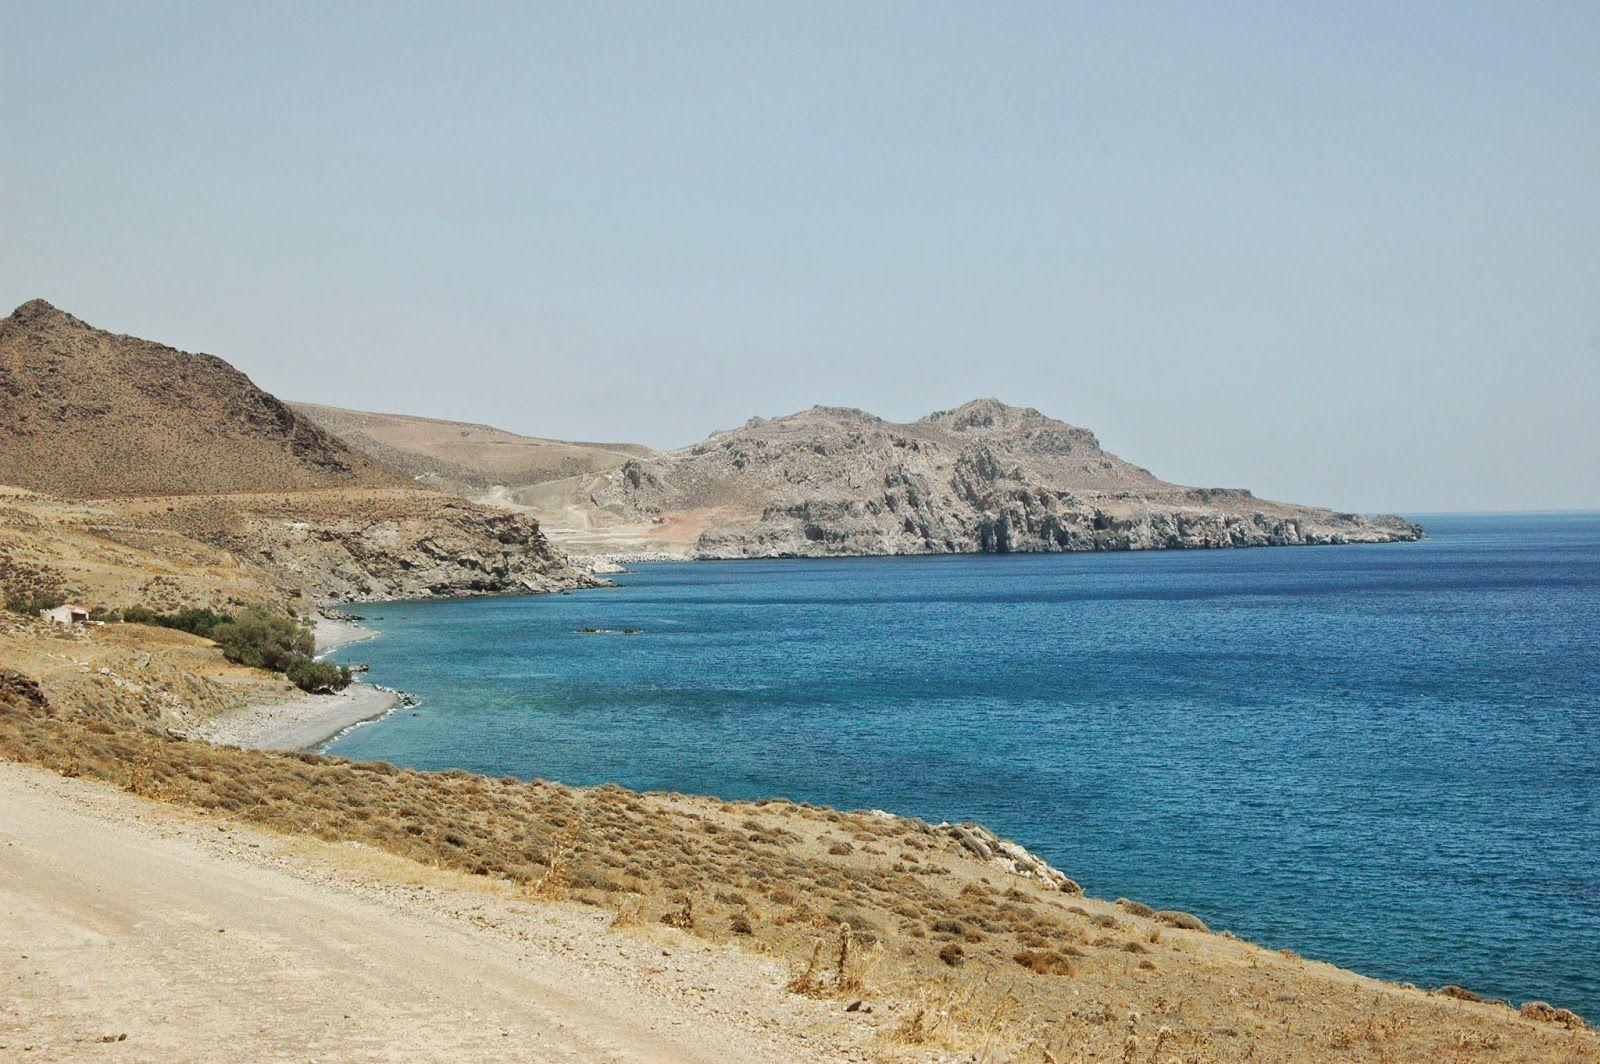 Τράφουλας, Παραλία στο Ηράκλειο Κρήτης